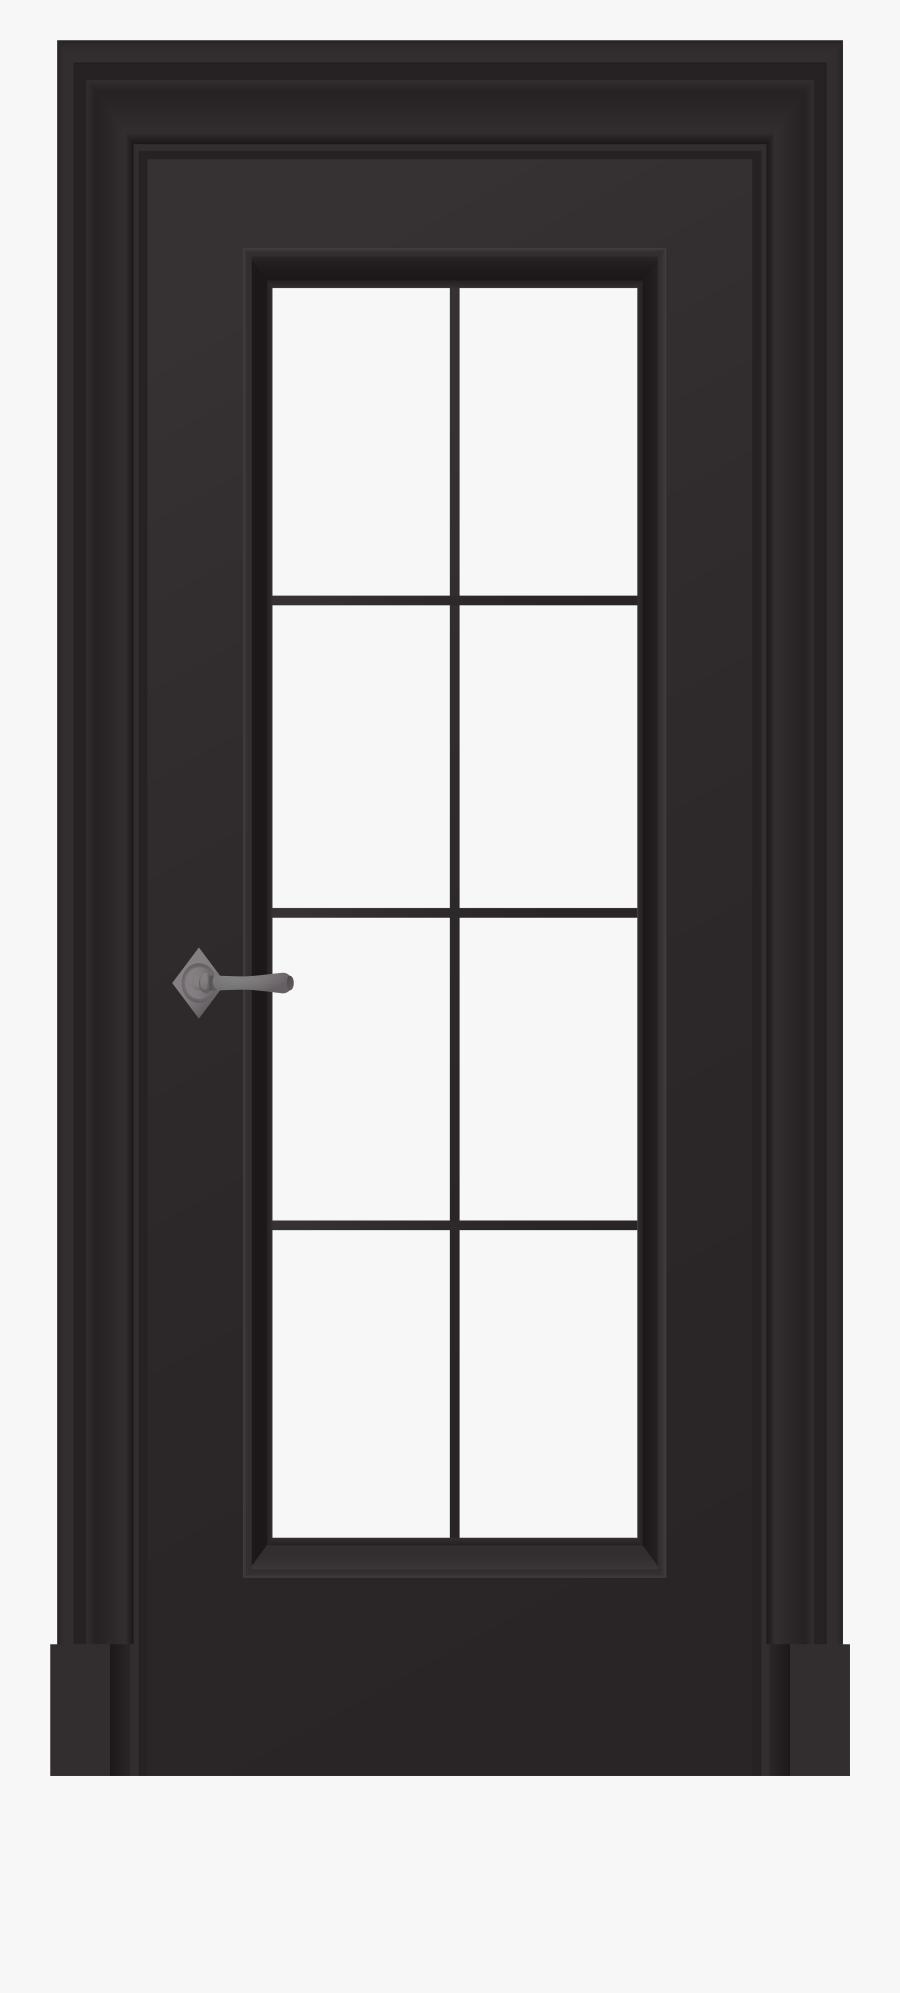 Black Door Png Clip Art - Door And Window Clip, Transparent Clipart